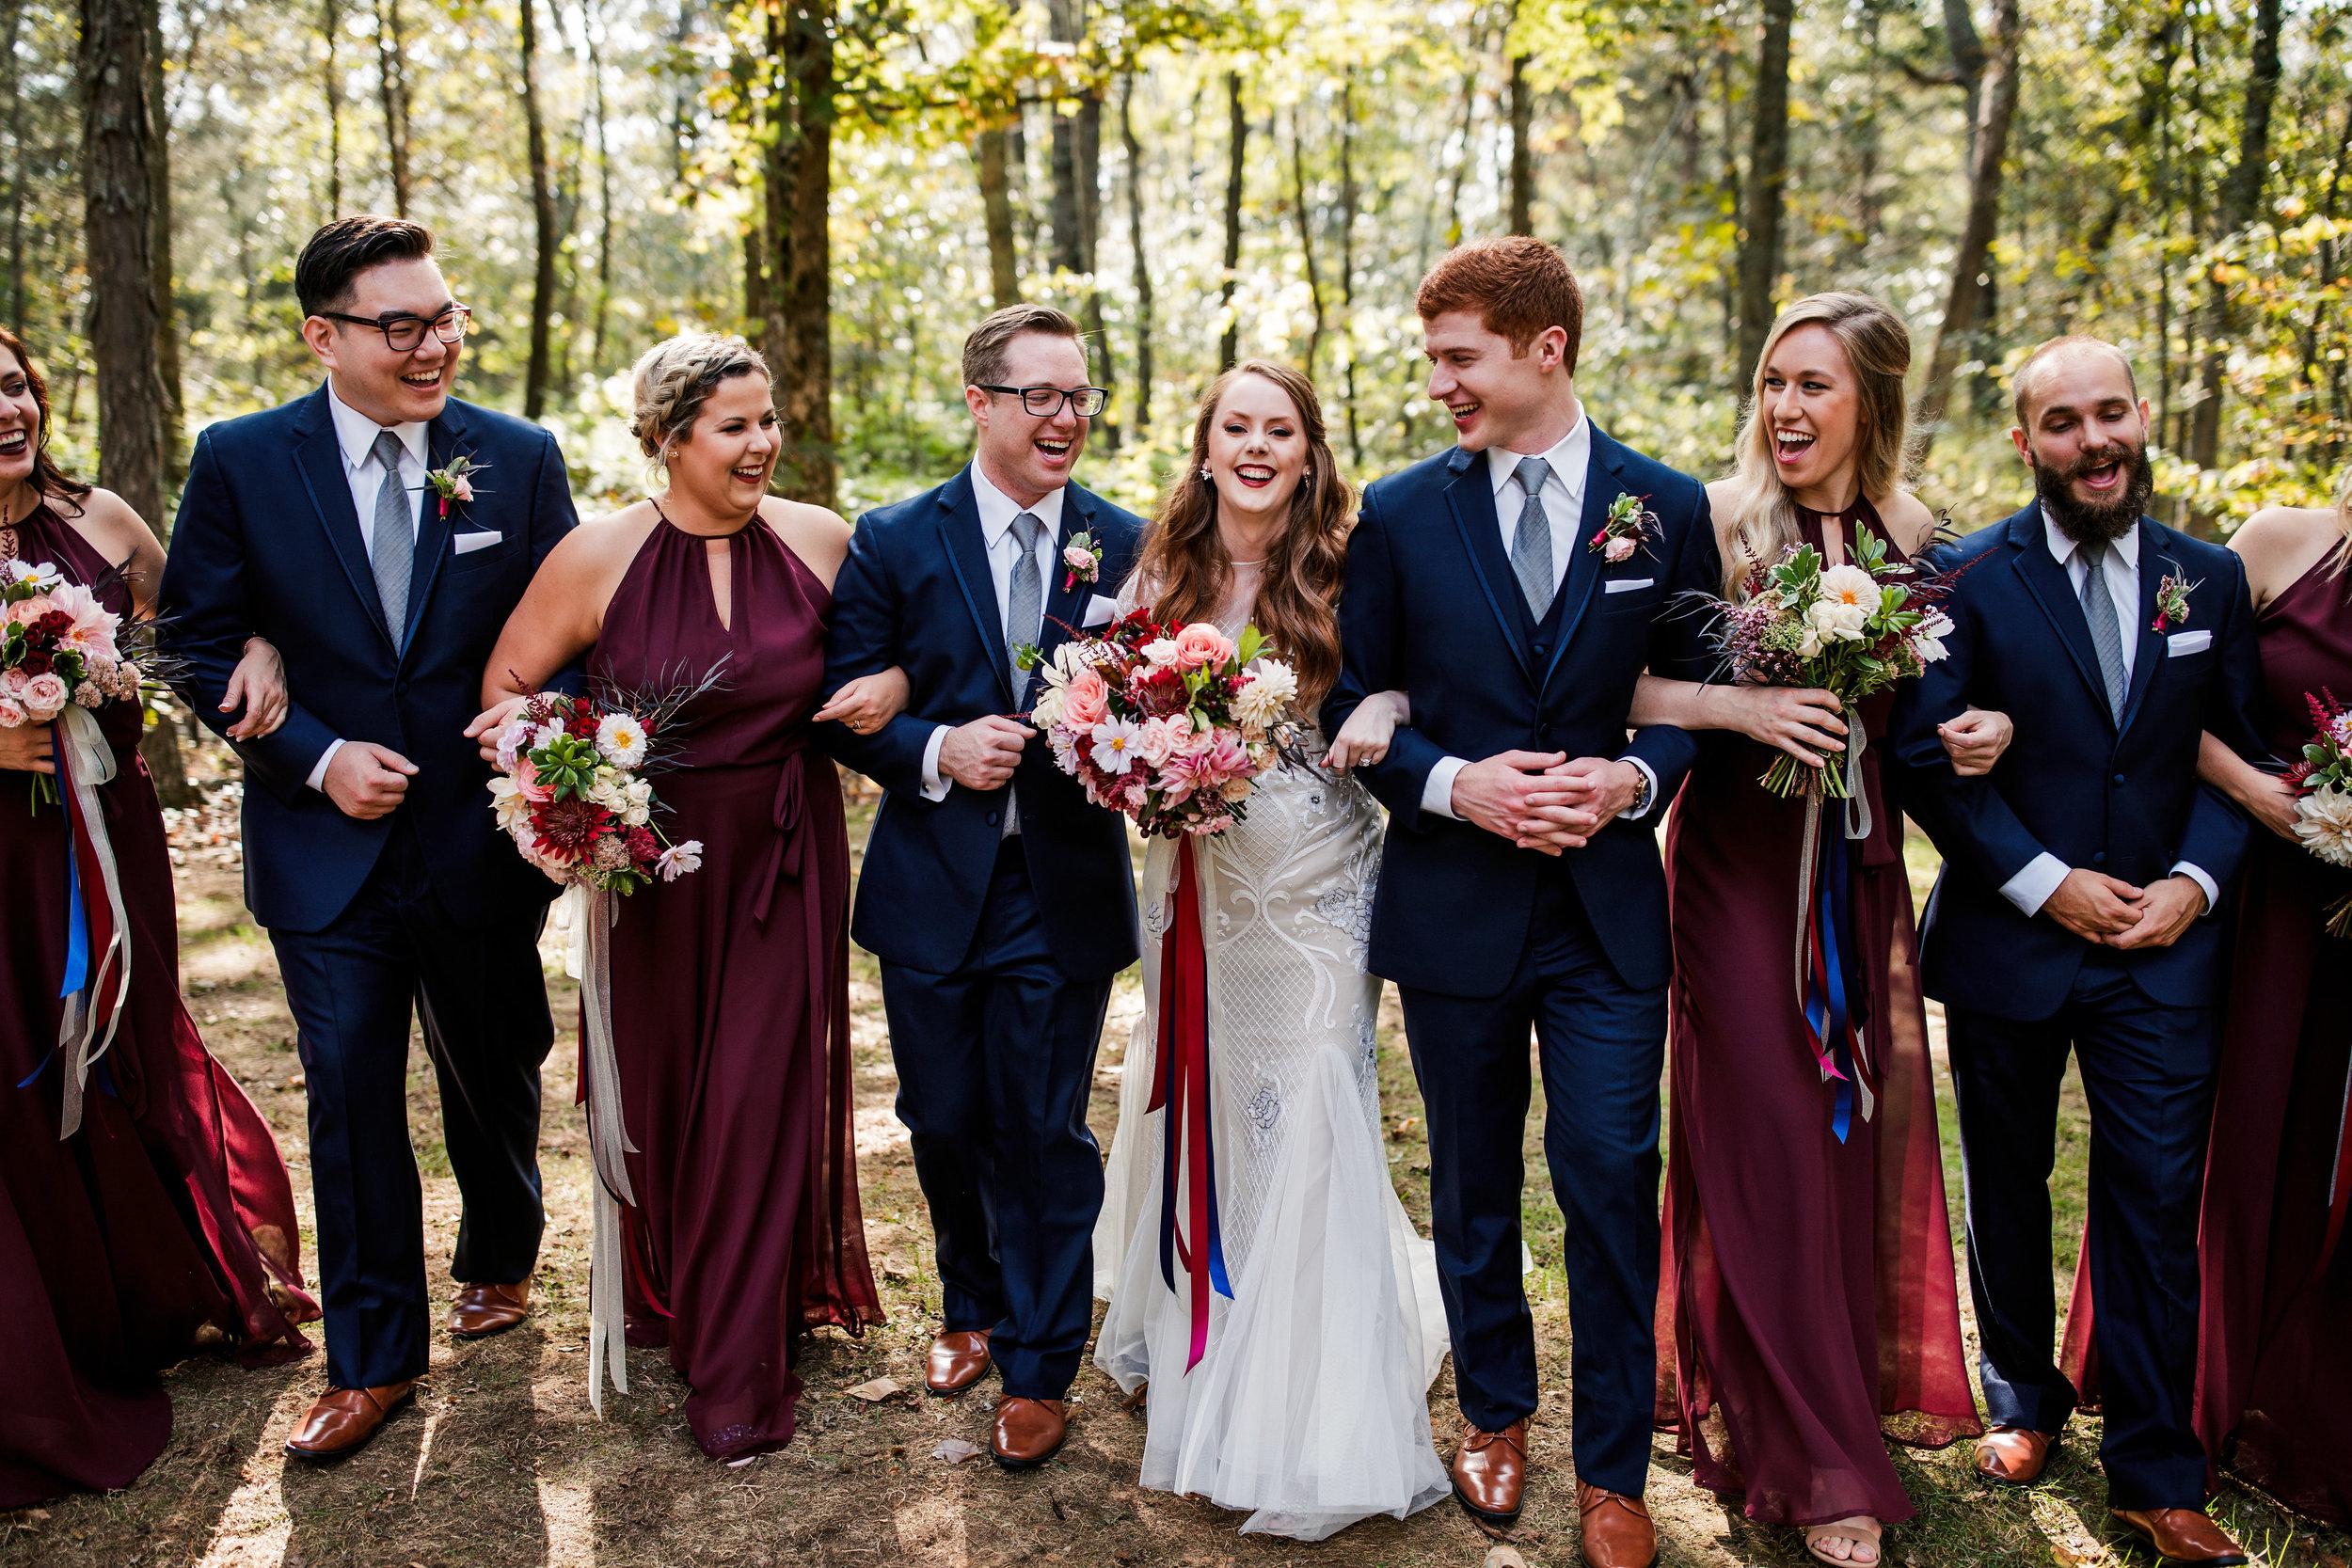 Wrens-Nest-Wedding-Murfreesboro-TN 17.jpg